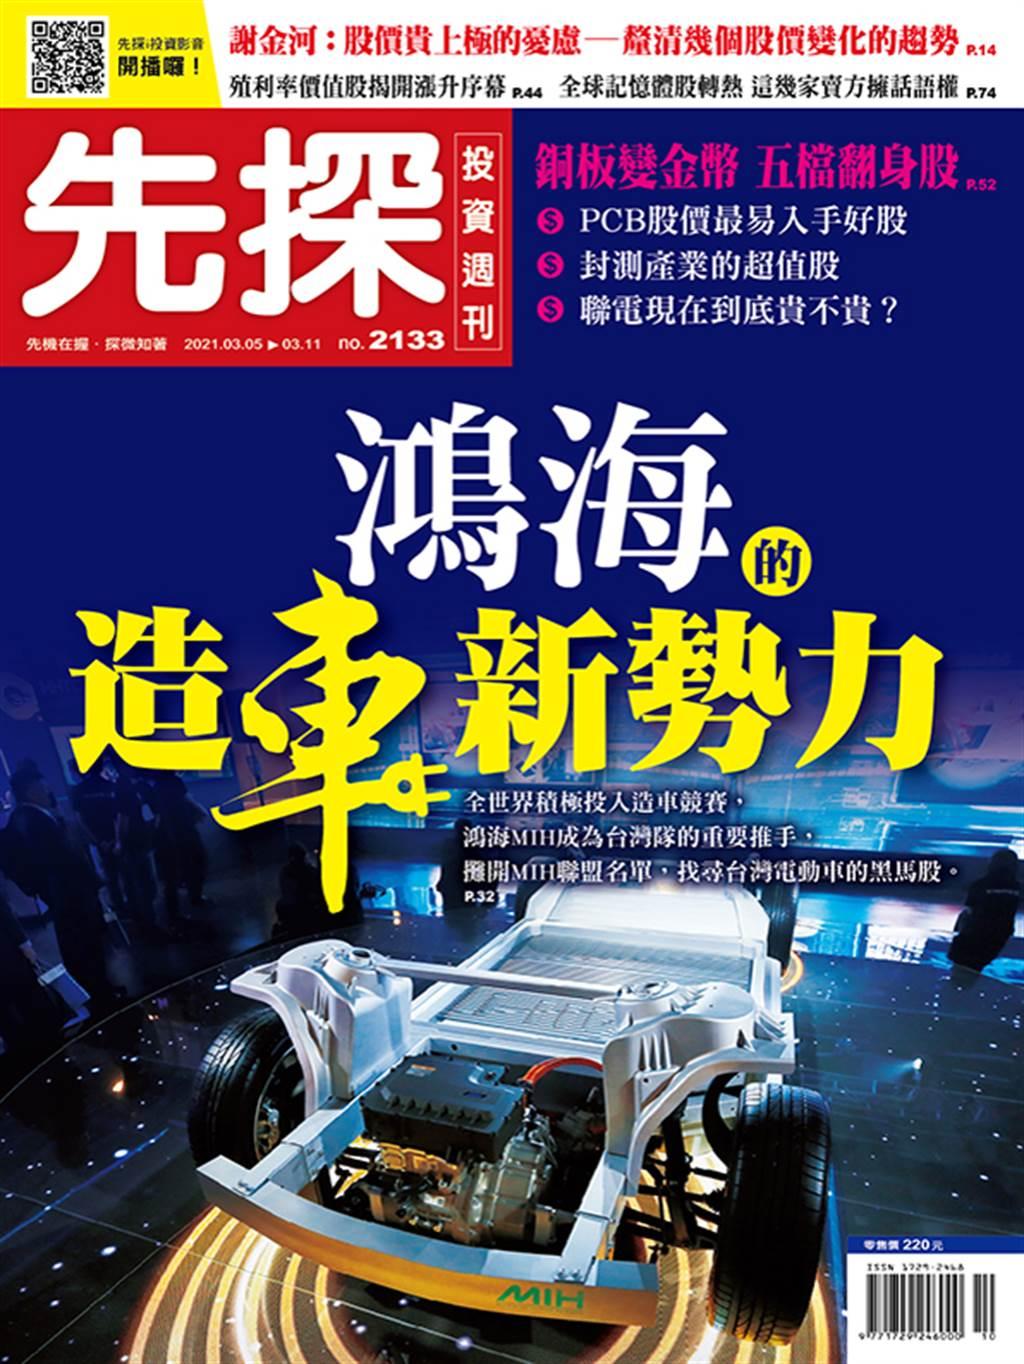 《先探投資週刊2133期》